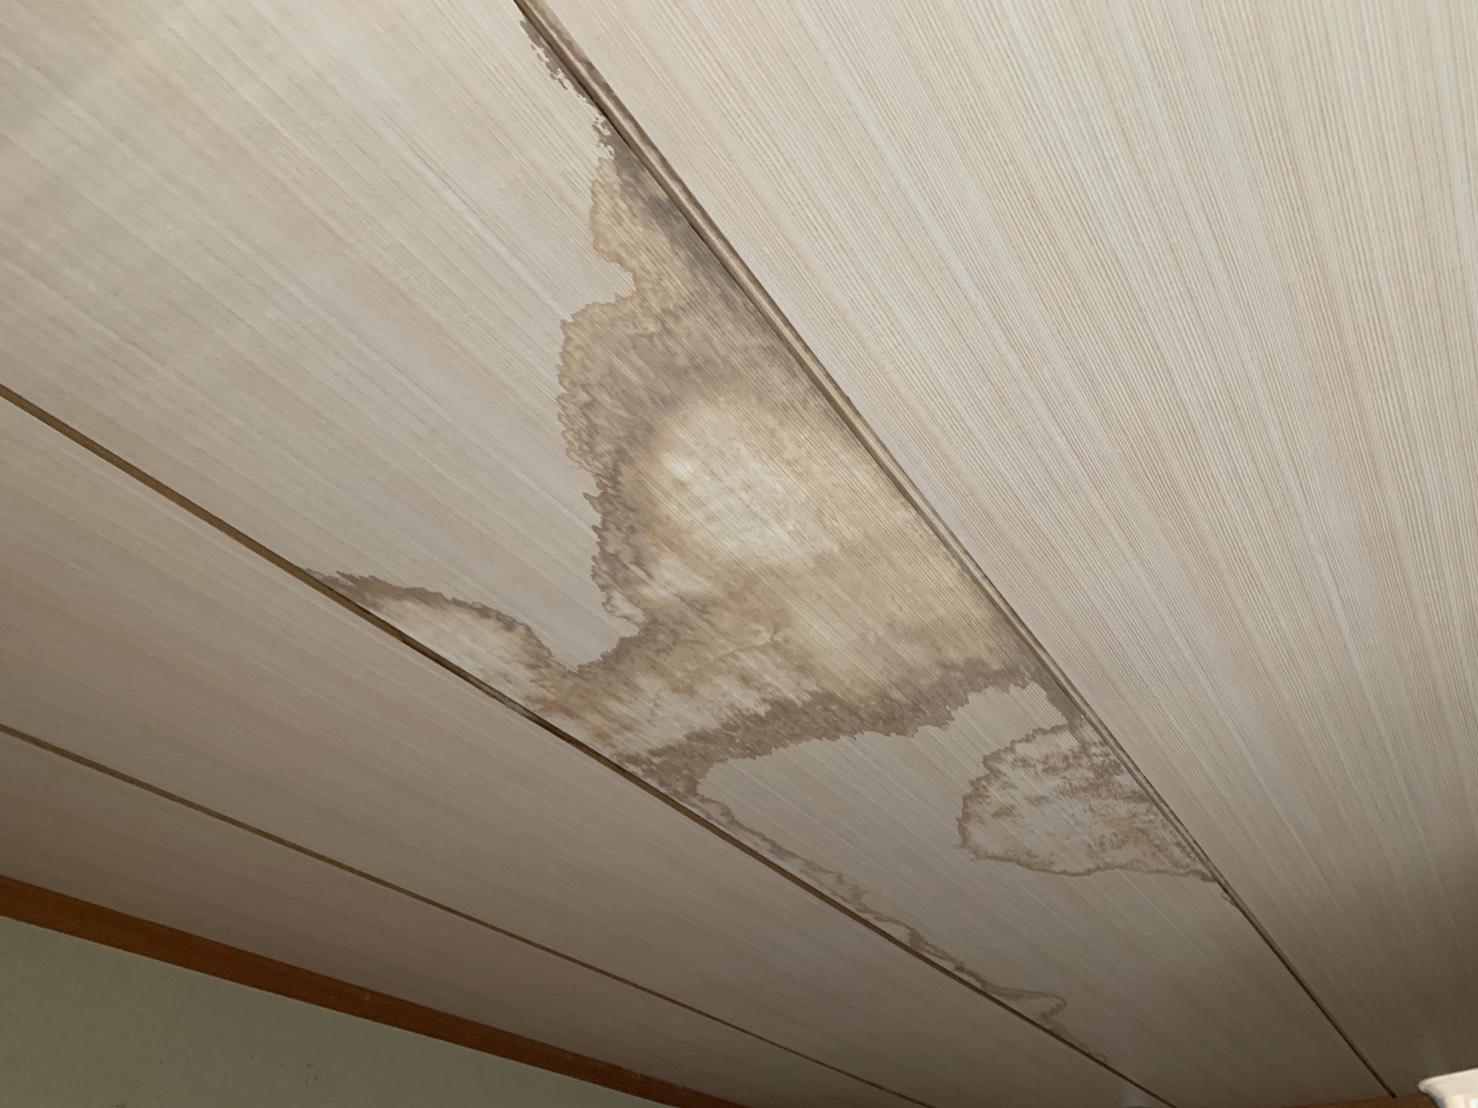 増築部分が原因で雨漏りした室内の様子